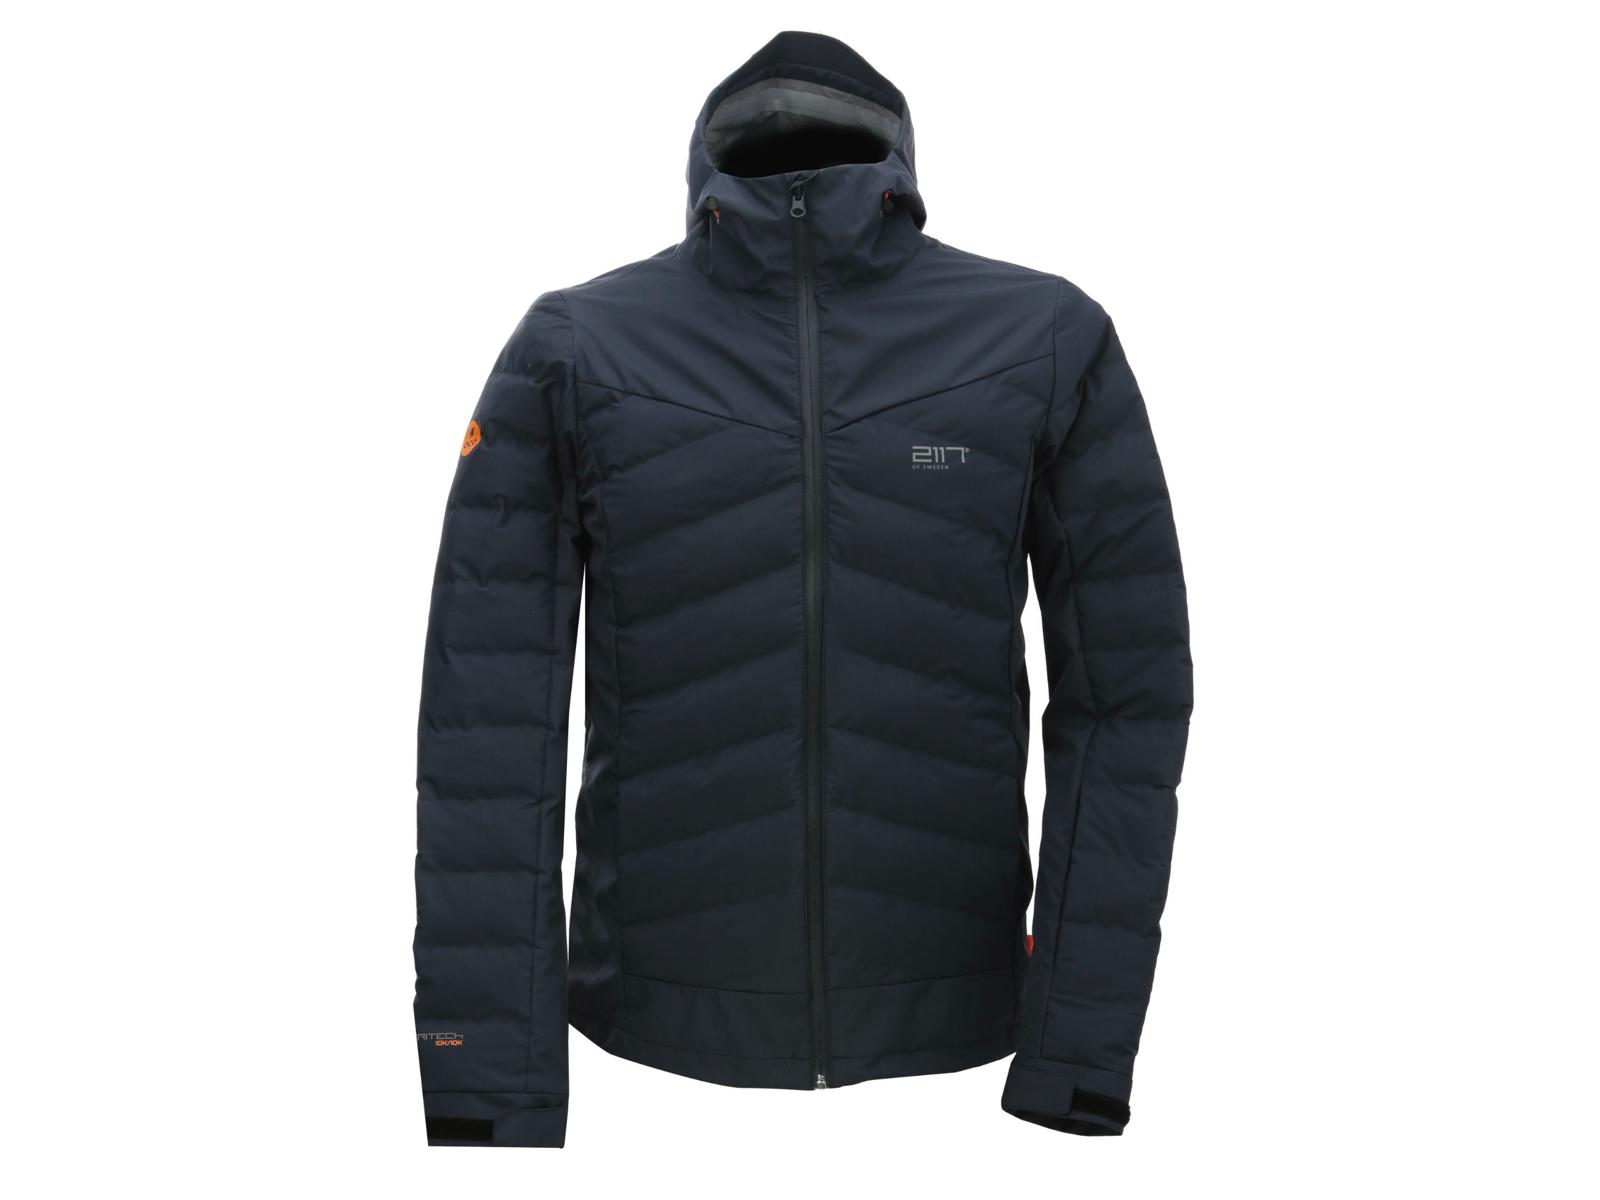 2117 Of Sweden Sågen Eco Jacket Vandtæt jakke m. for Herre Mørk grå (DKK 699,00)